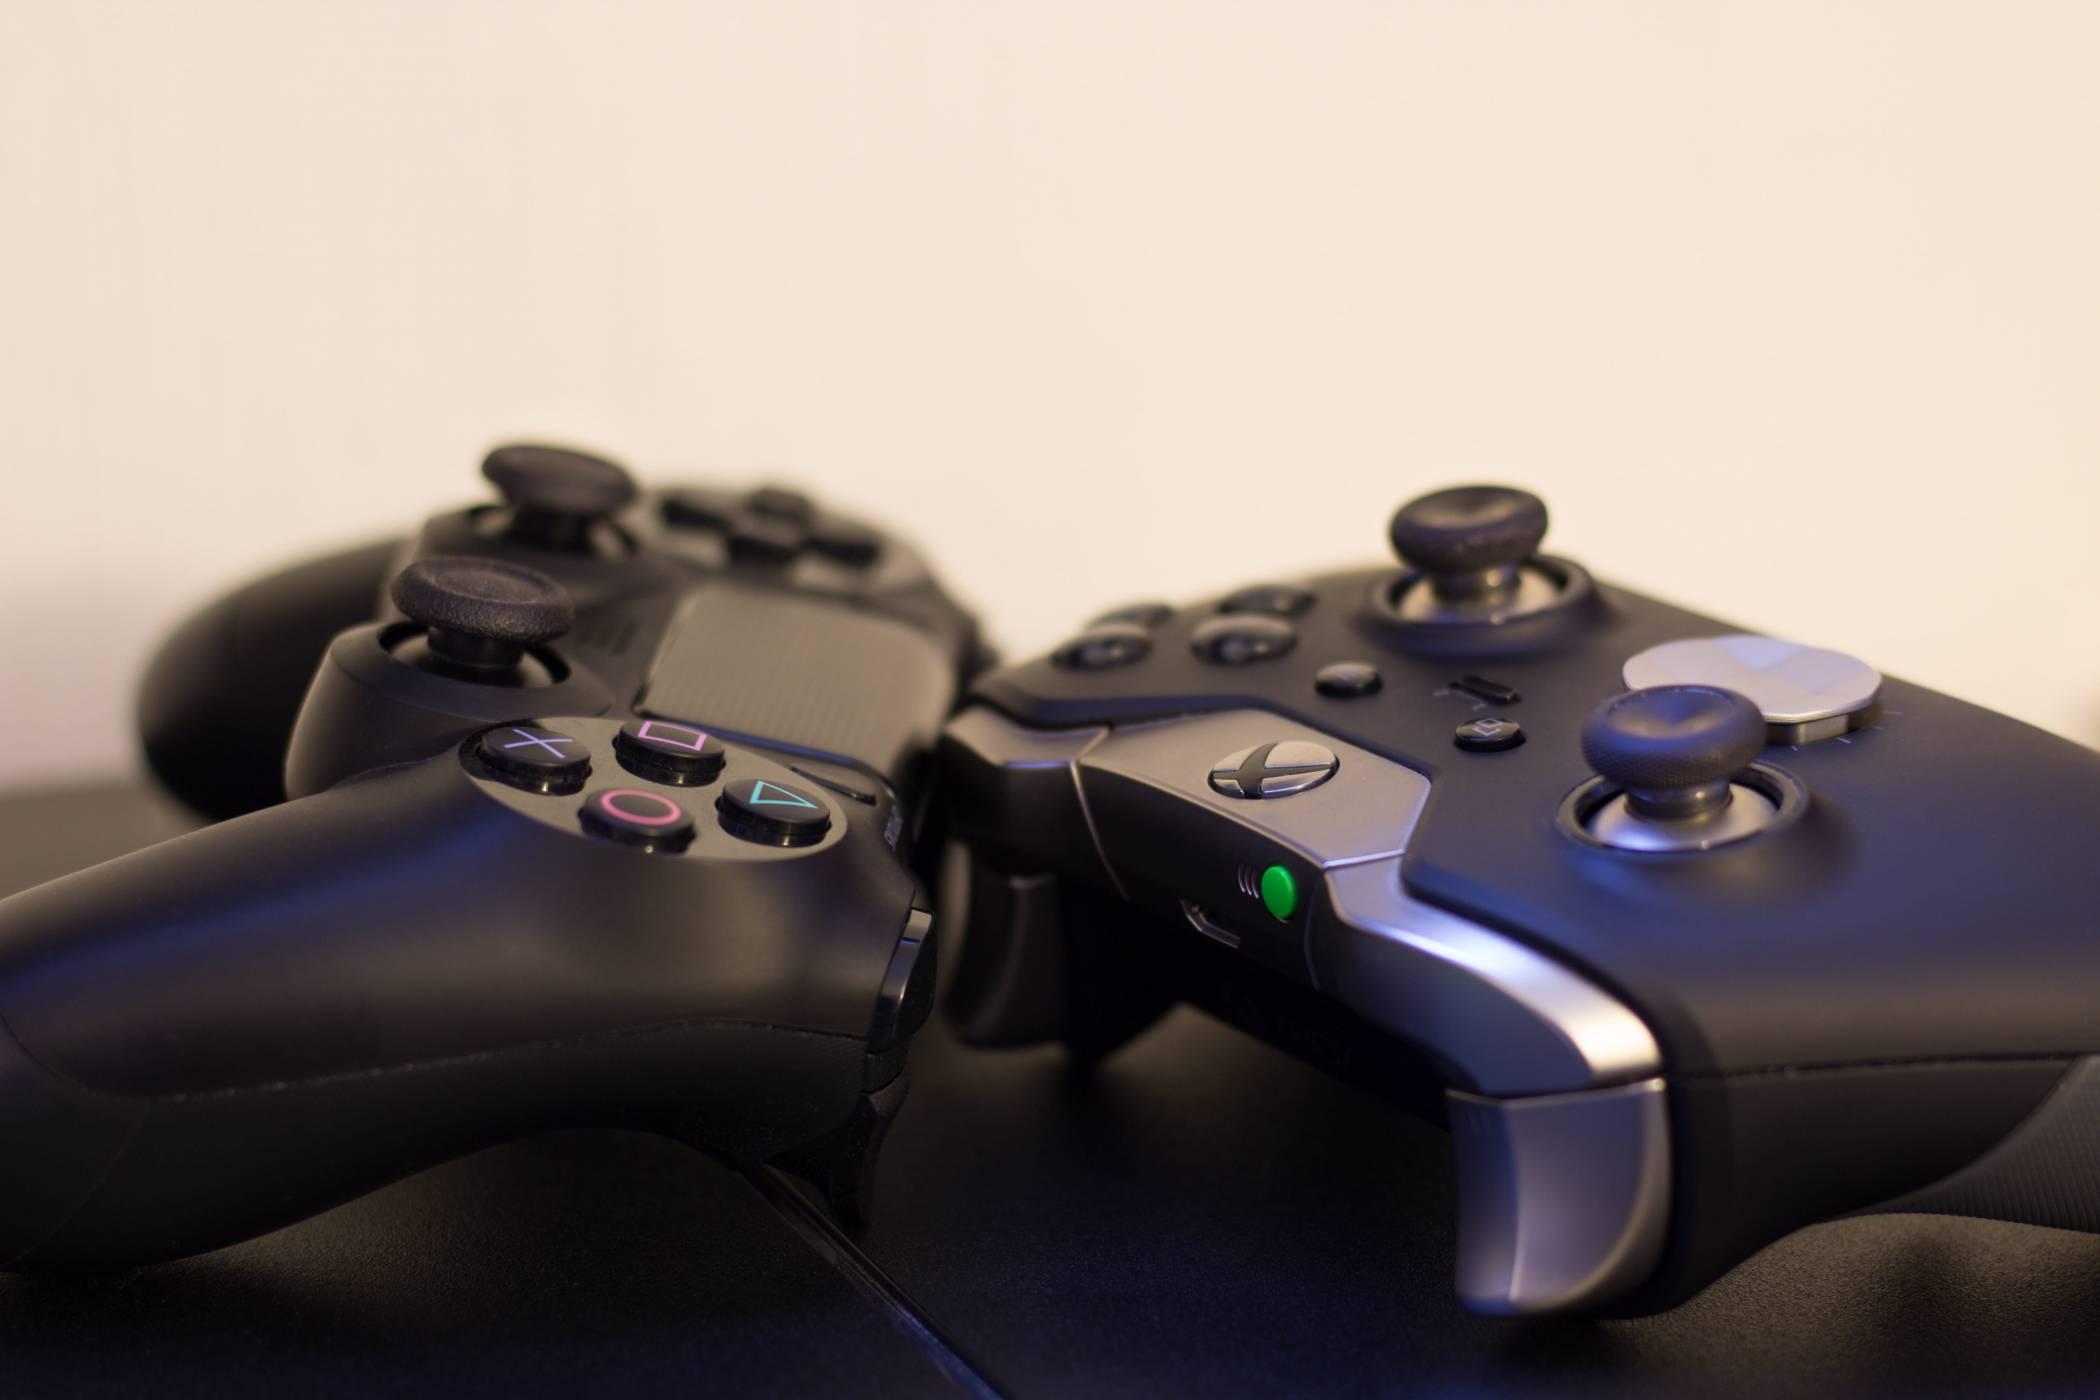 След PlayStation 5 новият Xbox също може да има по-евтин вариант